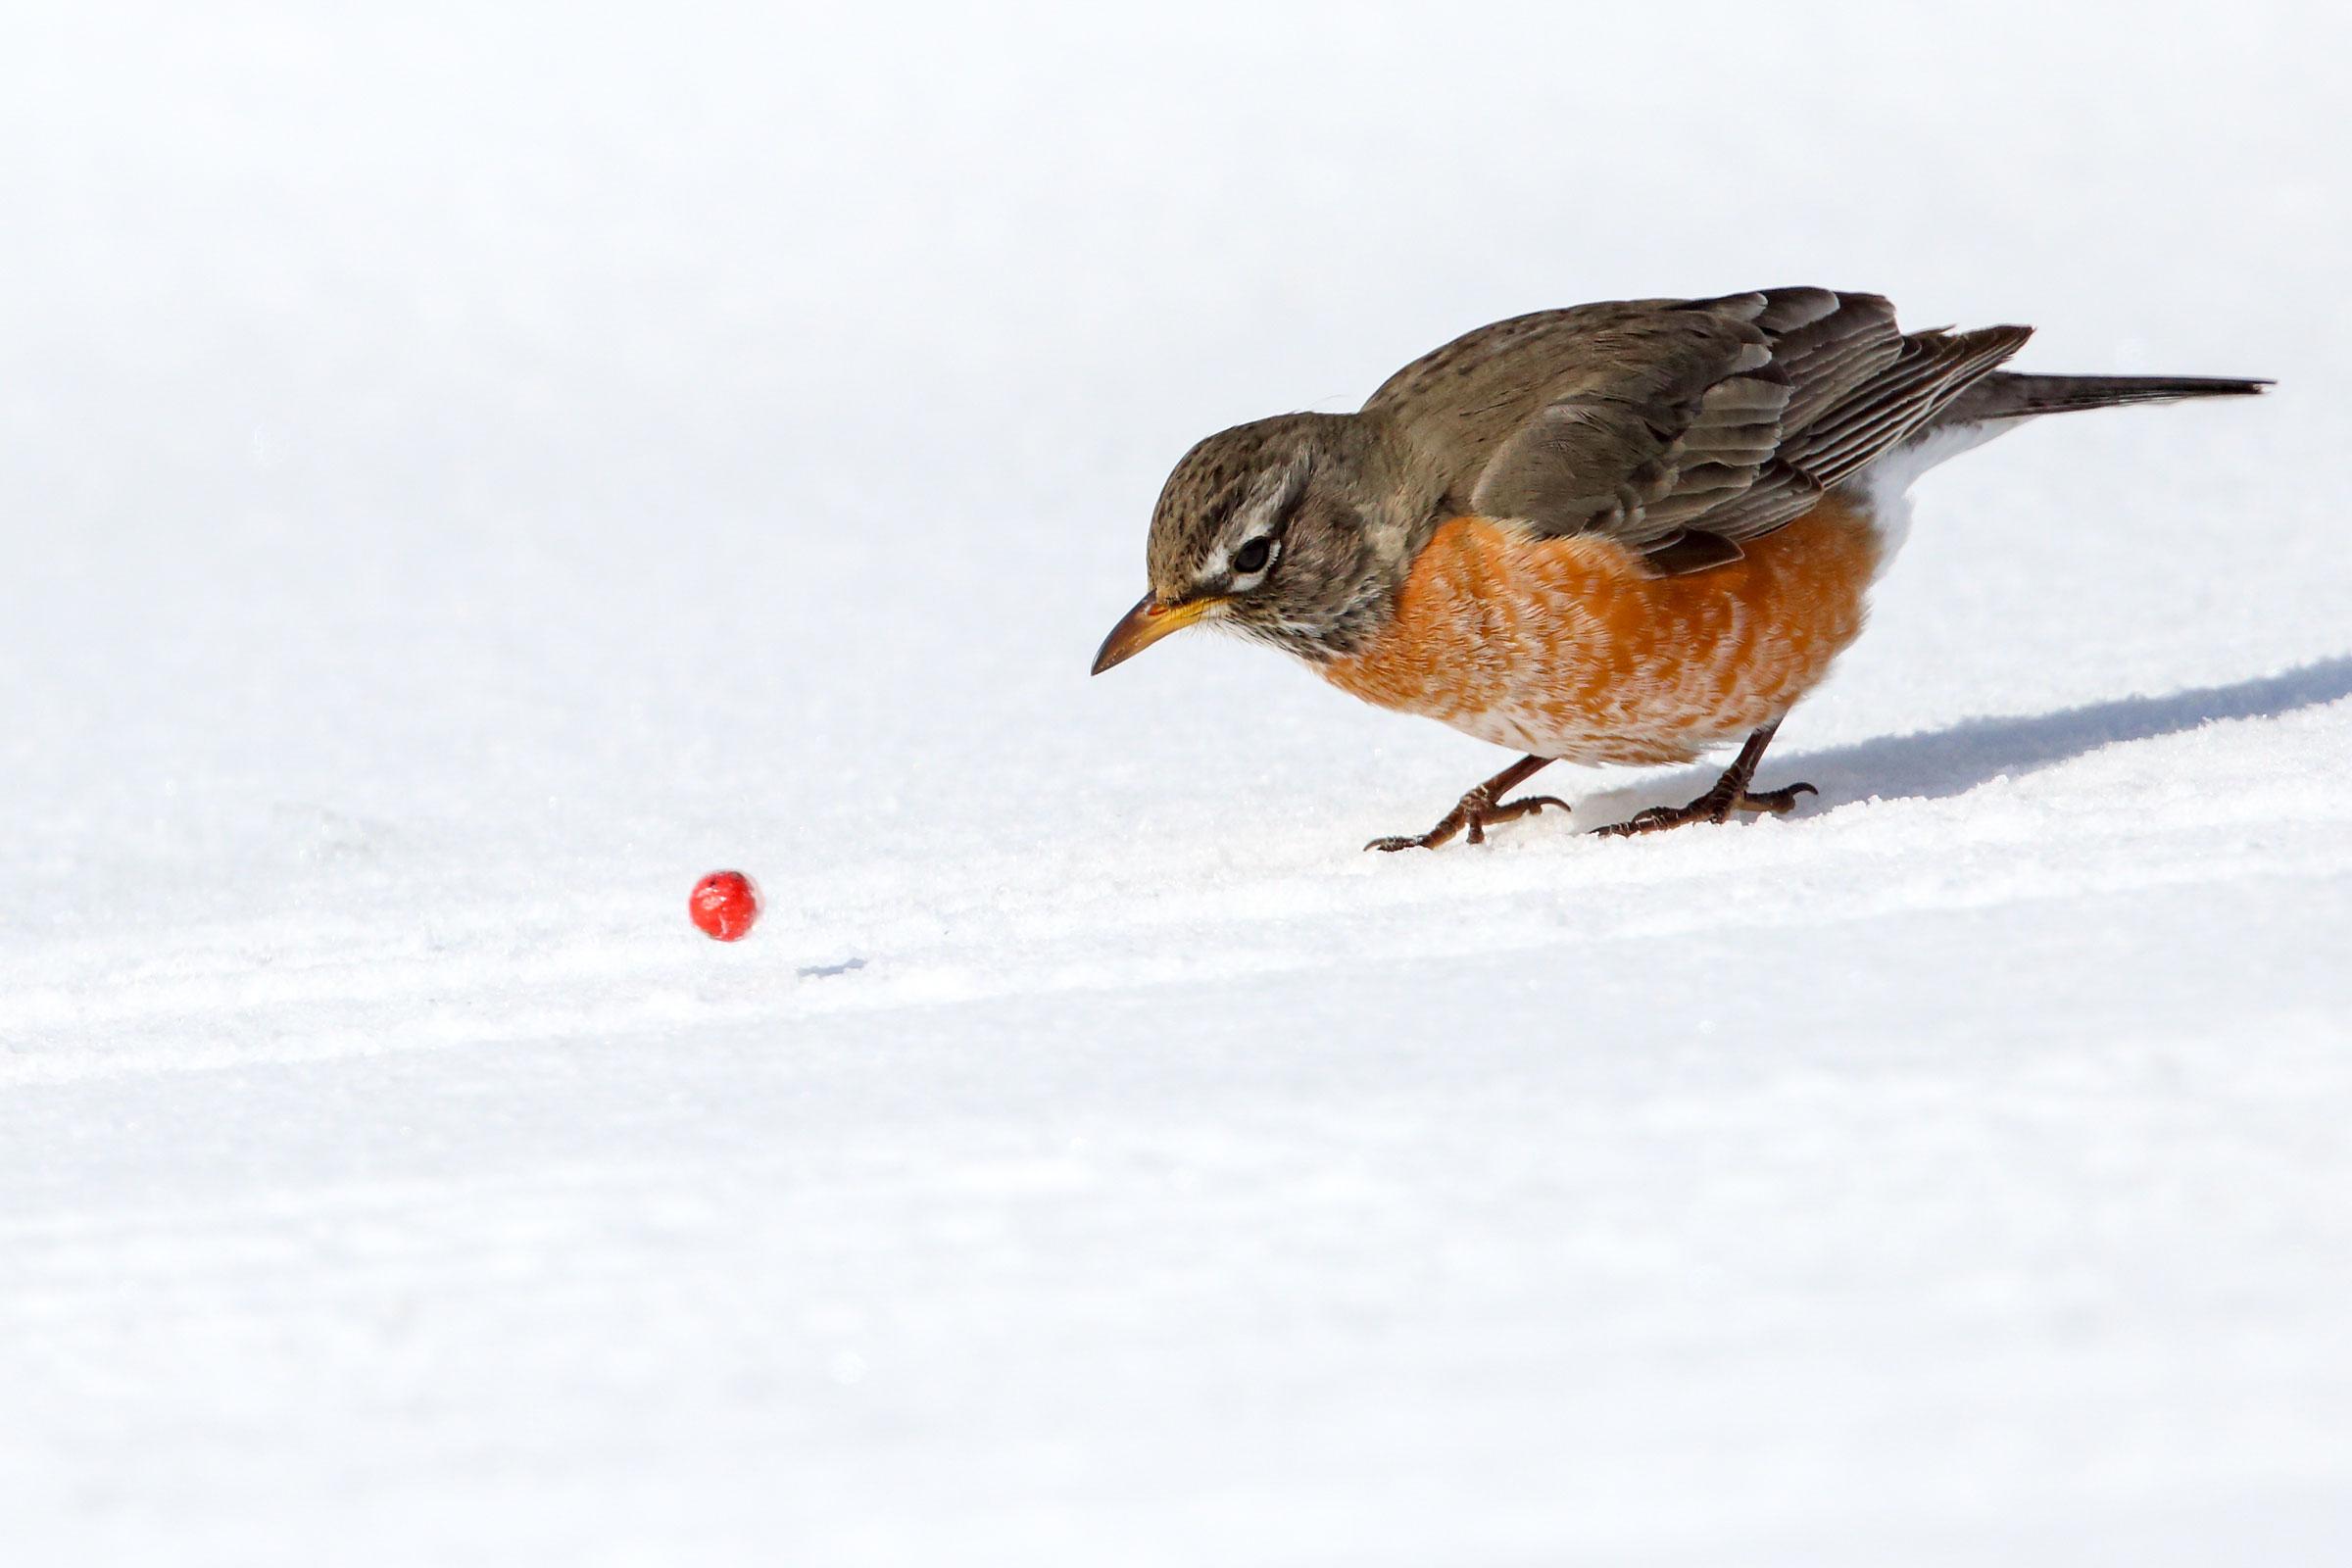 American Robin. Marian Herz/Audubon Photography Awards